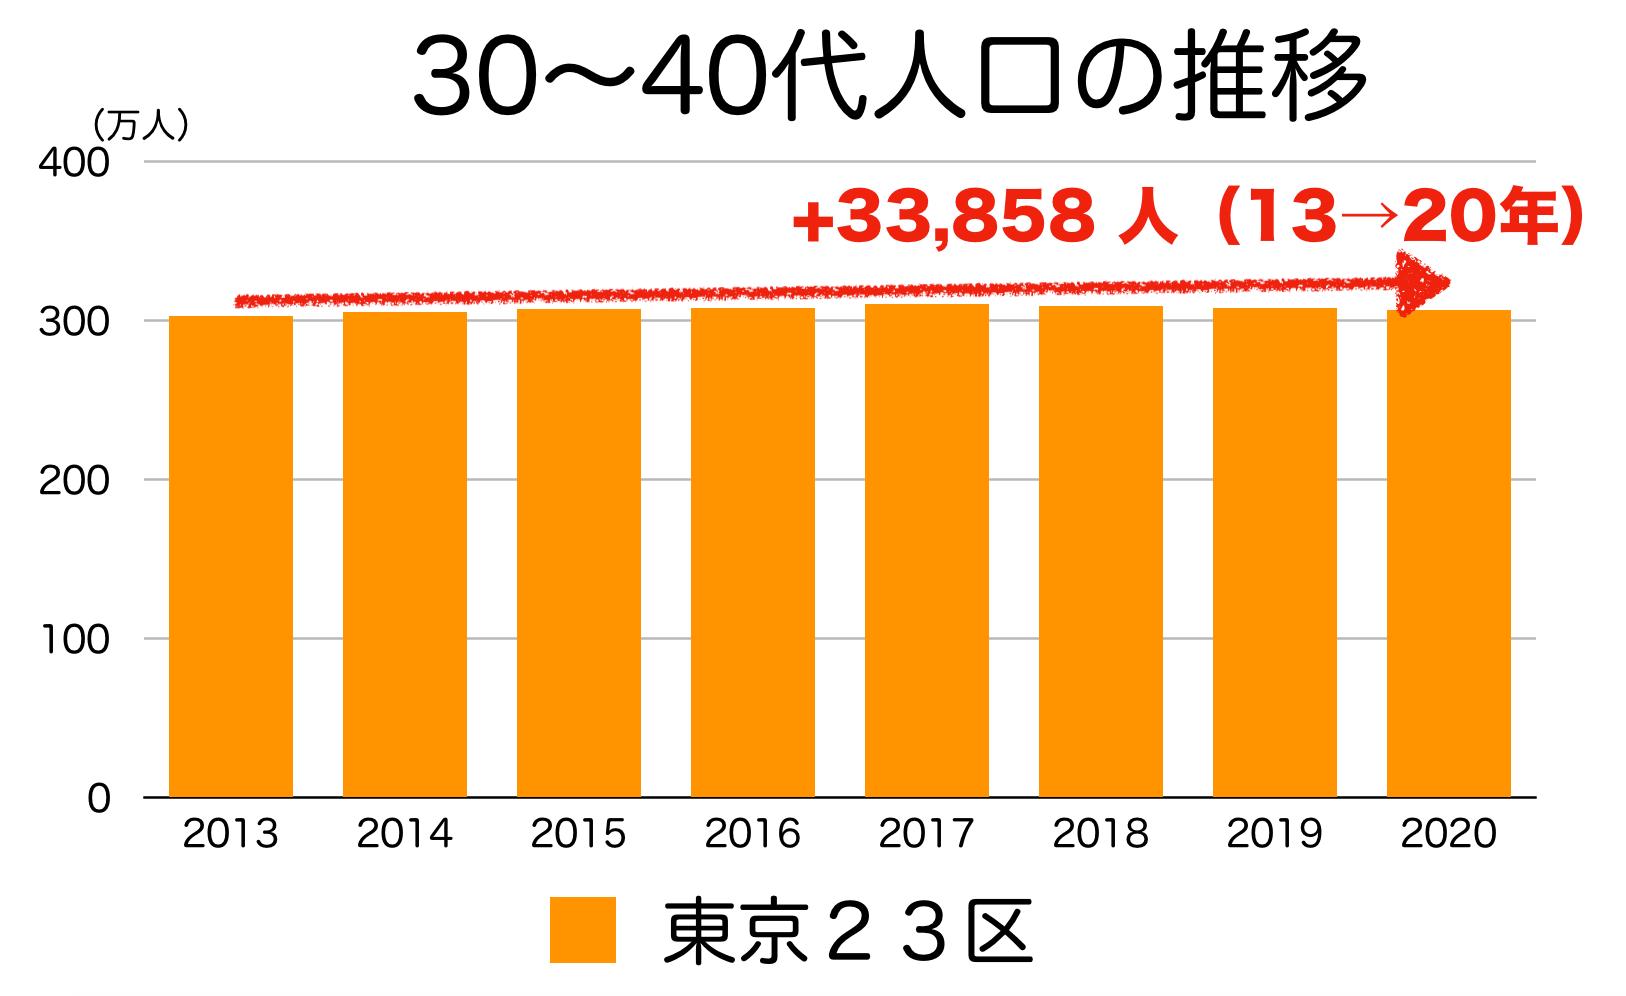 東京23区の30〜40代人口の推移